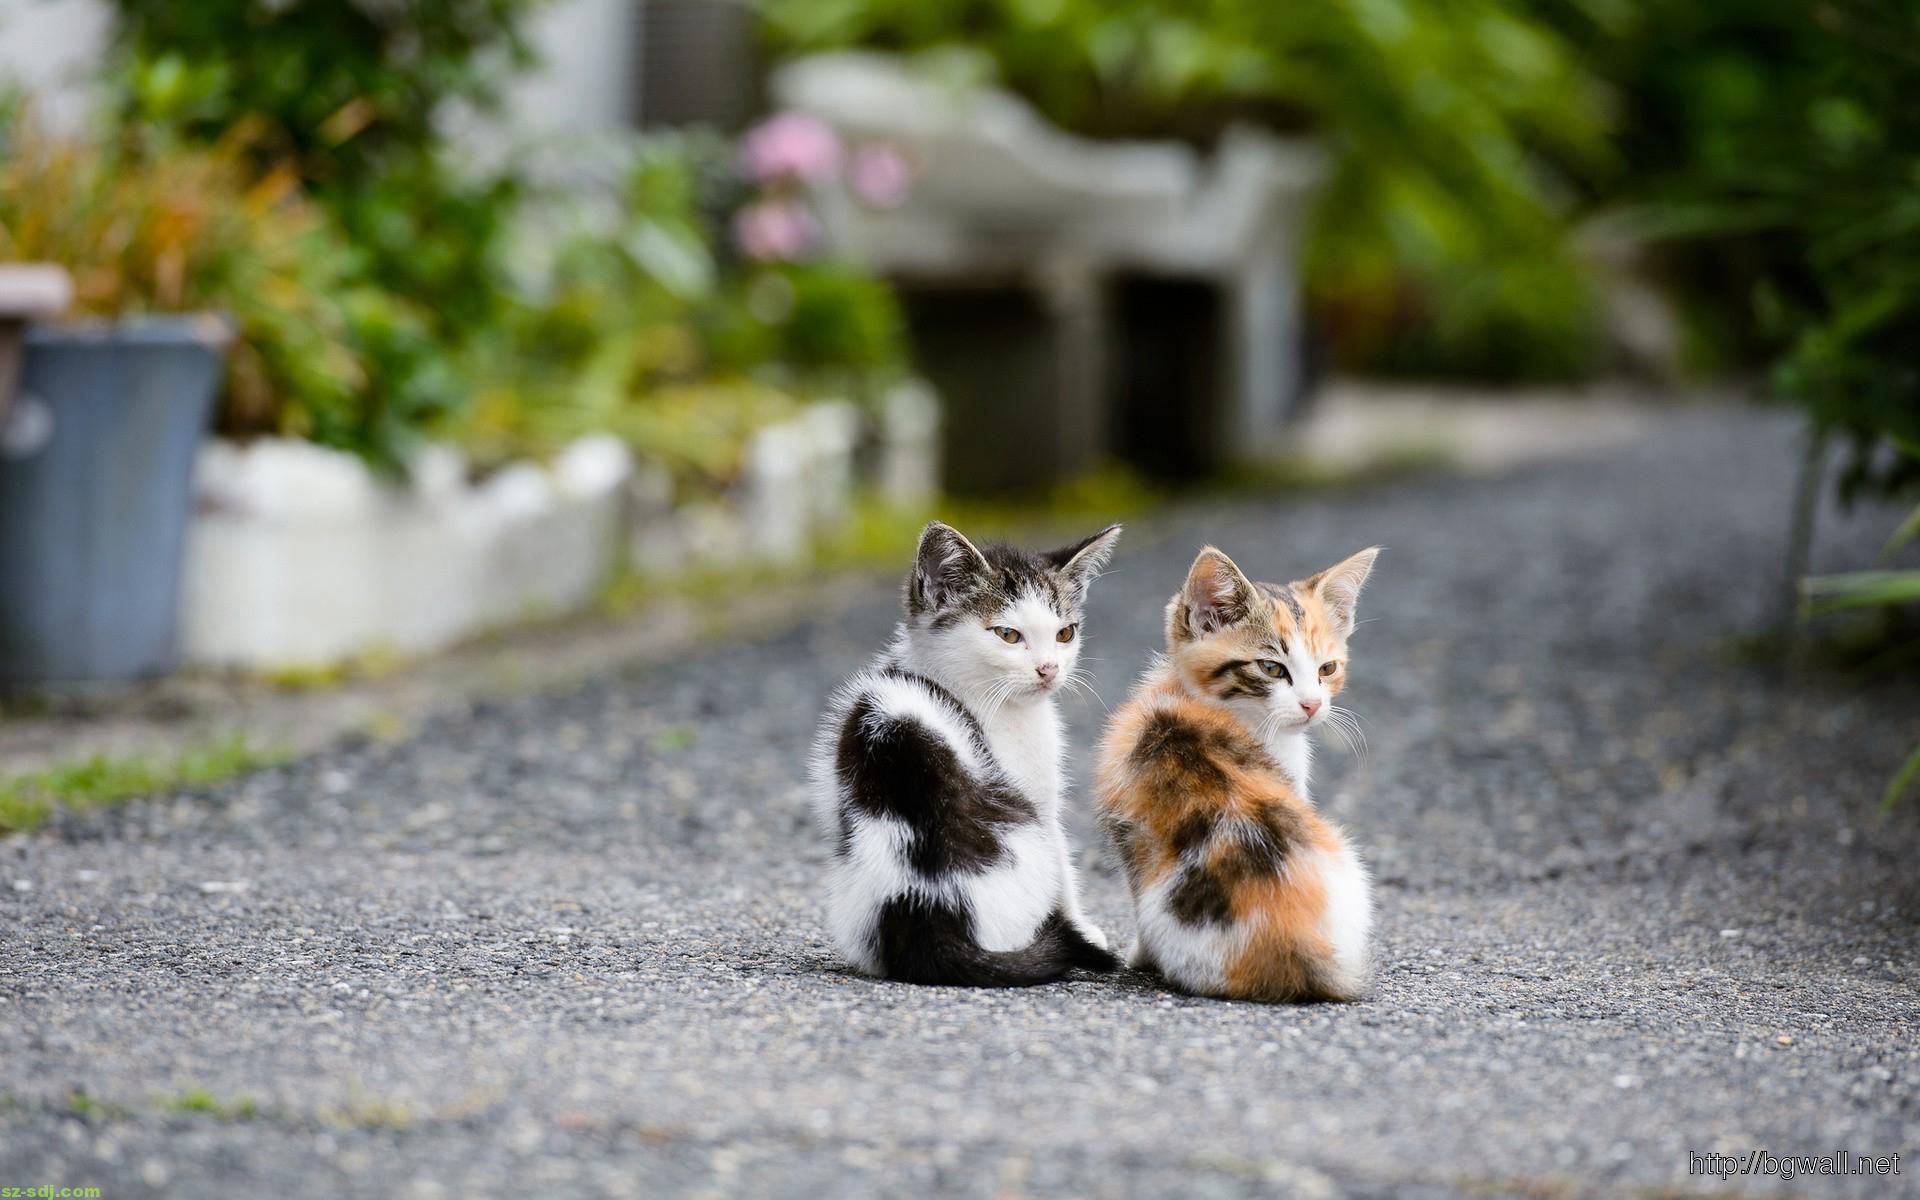 Cute Couple Kitten Cat Wallpaper Widescreen Hd ...